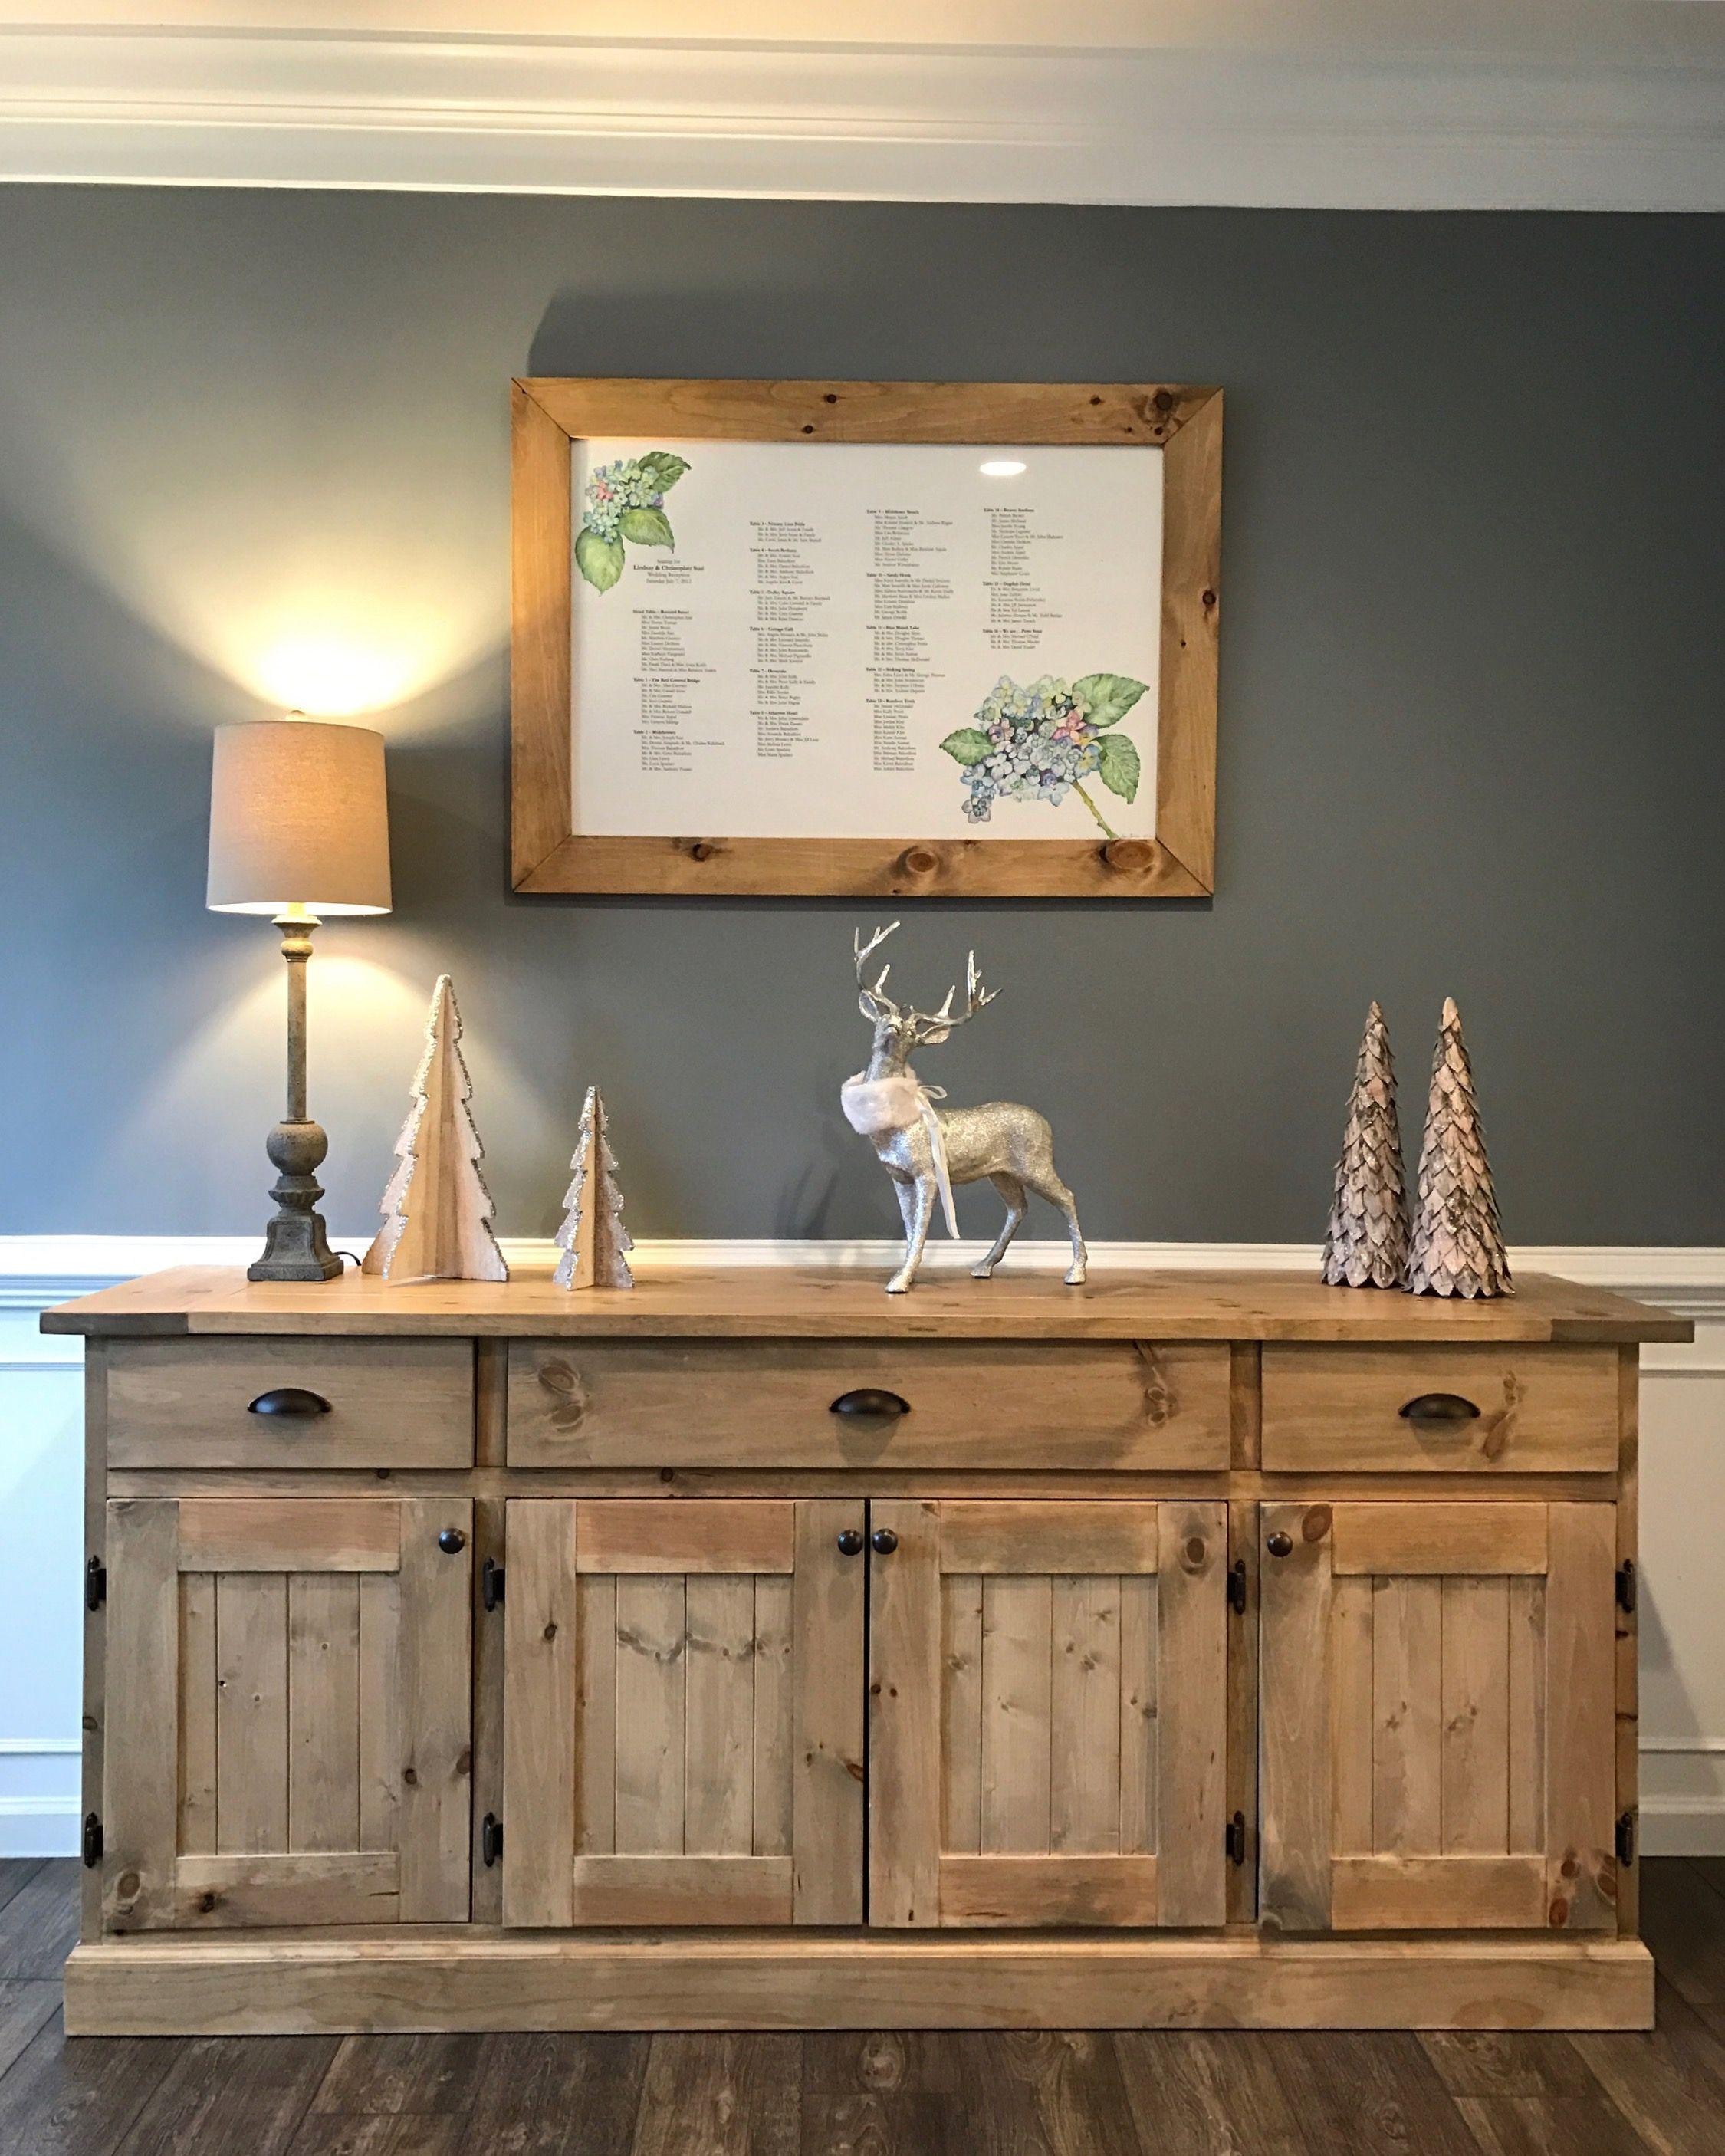 Dining Room Buffet Decorating Ideas: @MidAtlanticRustic Etsy Shop Dining Room Buffet